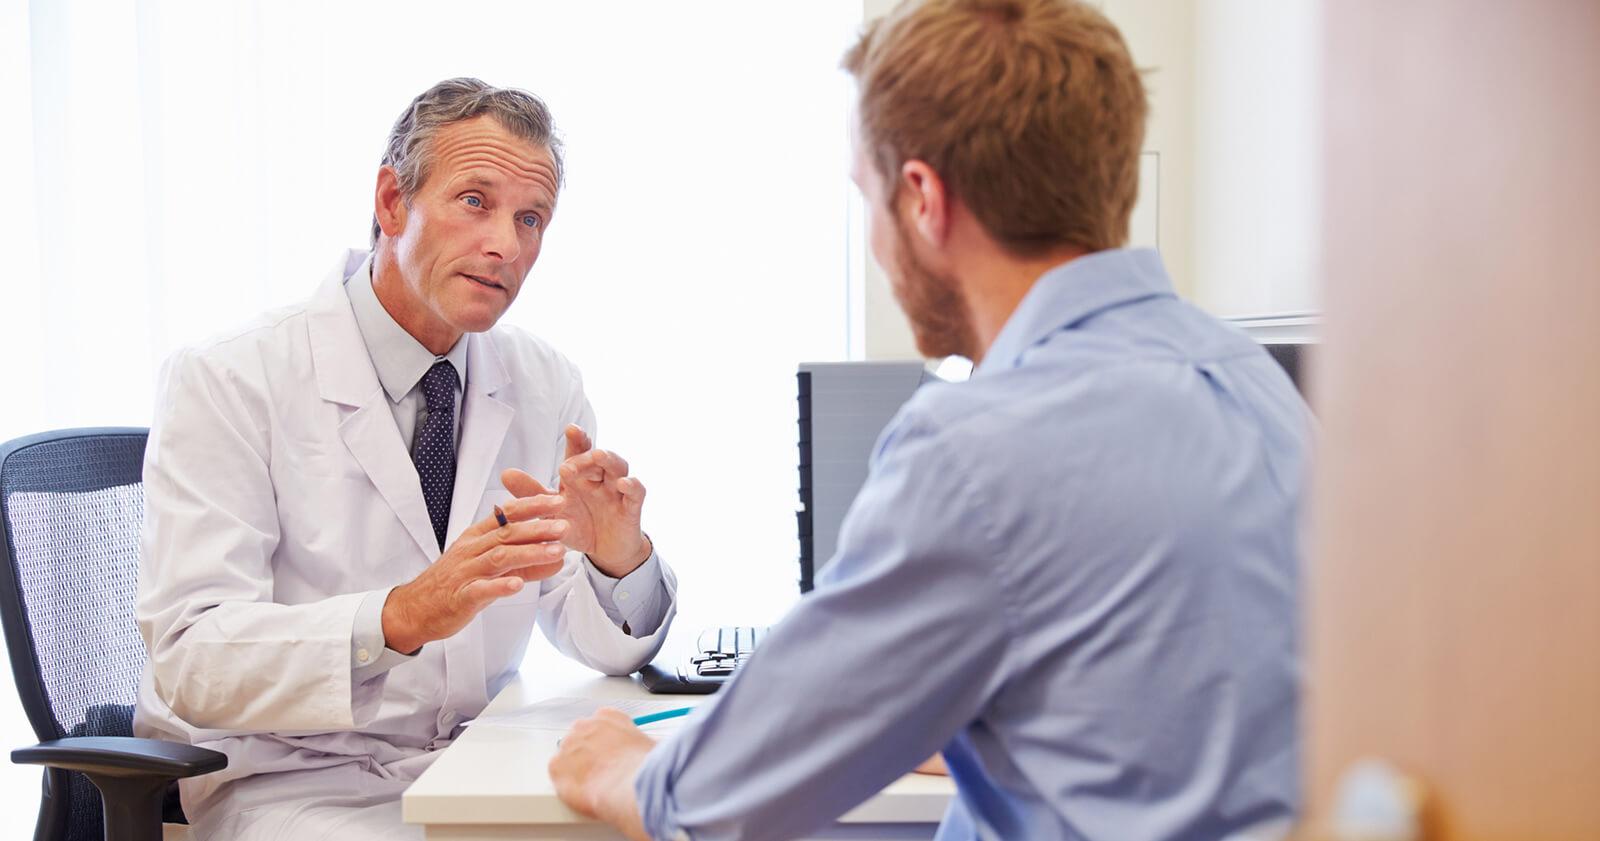 Mann ist beim Arzt um seinen Reizdarm behandeln zu lassen.